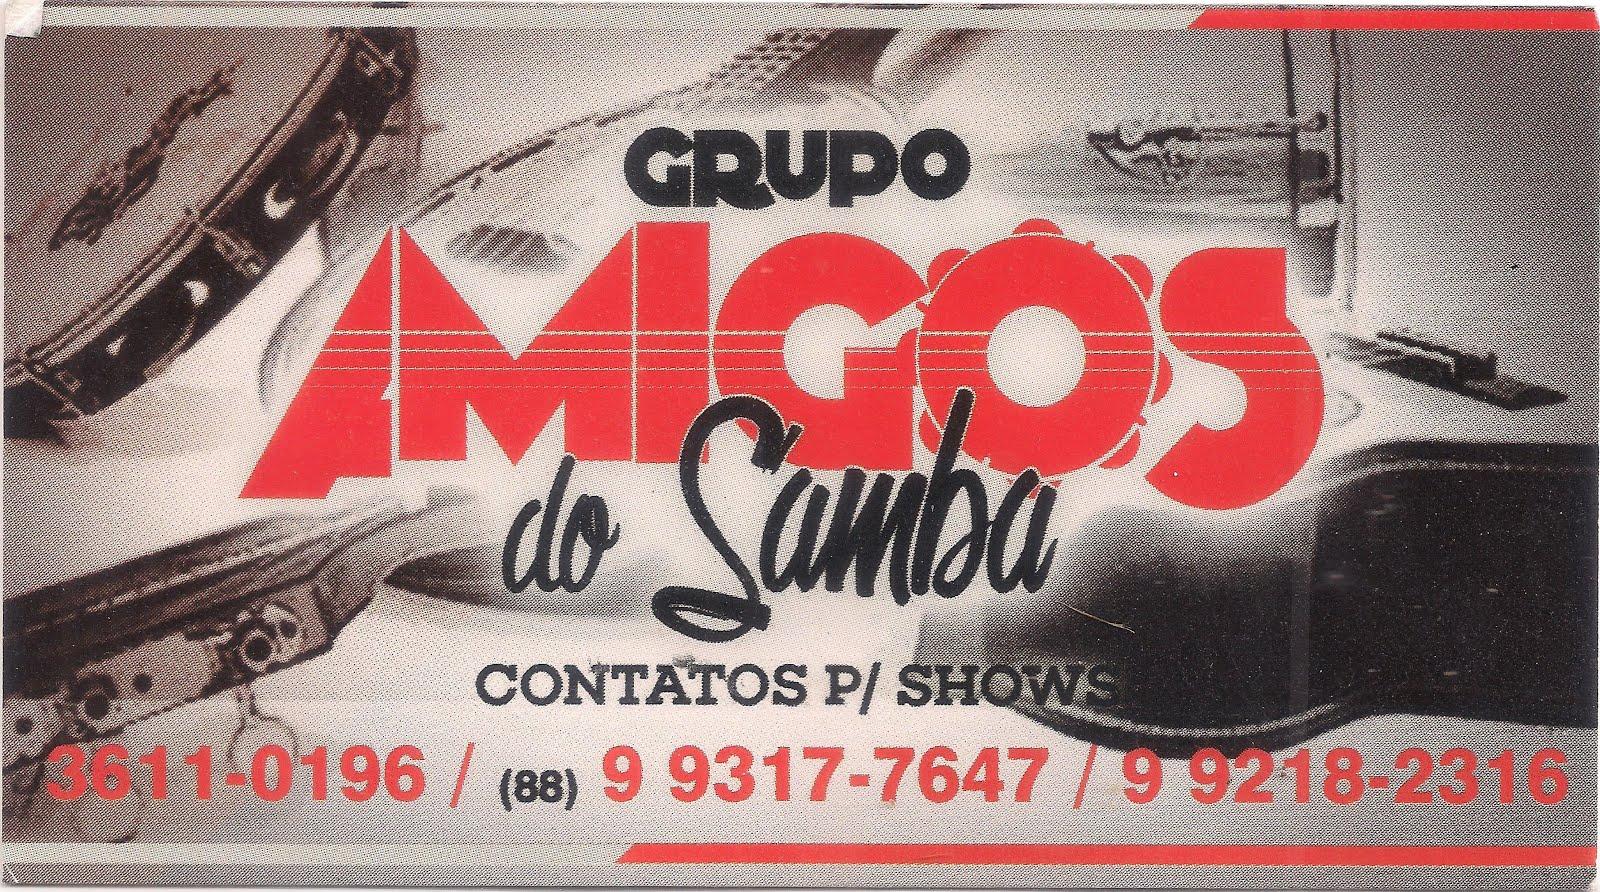 AMIGOS DO SAMBA - MÚSICA E ALEGRIA - CONTATE/CONTRATE